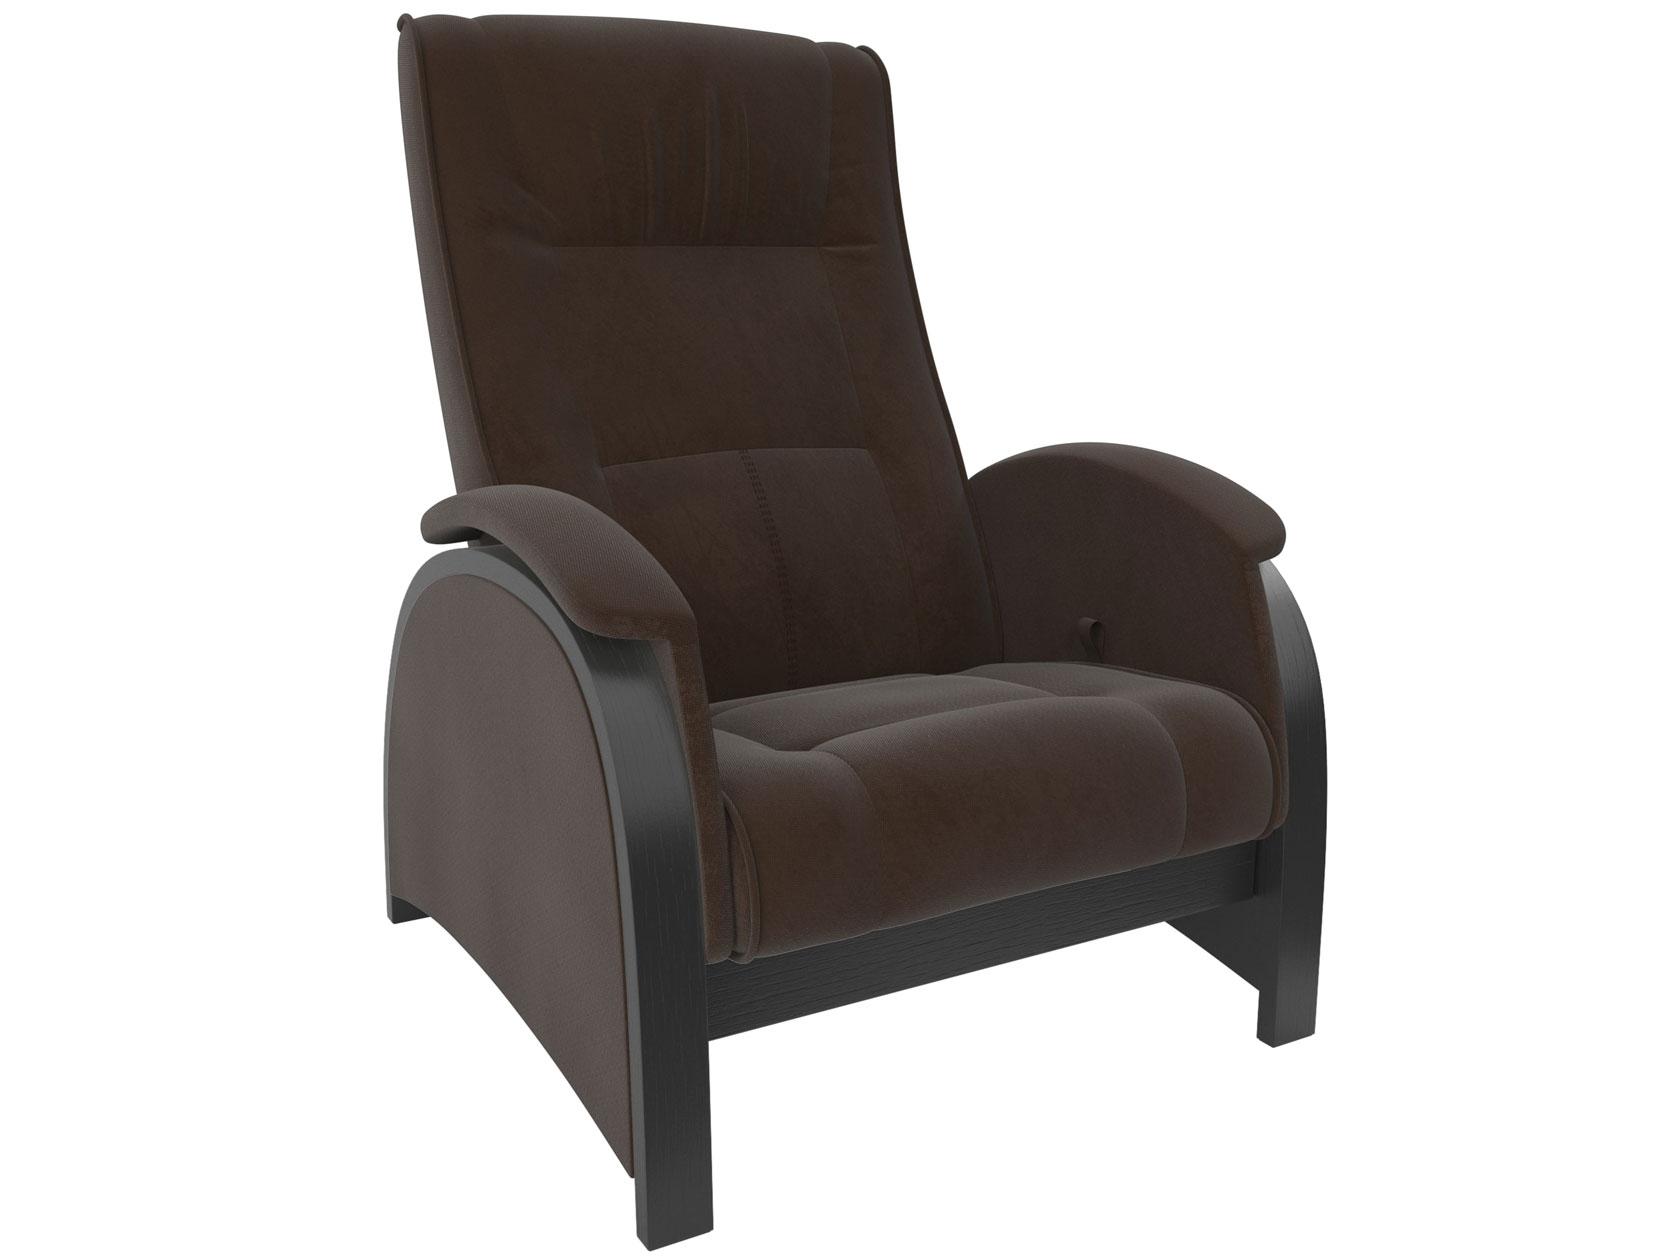 Кресло-глайдер 179-102585